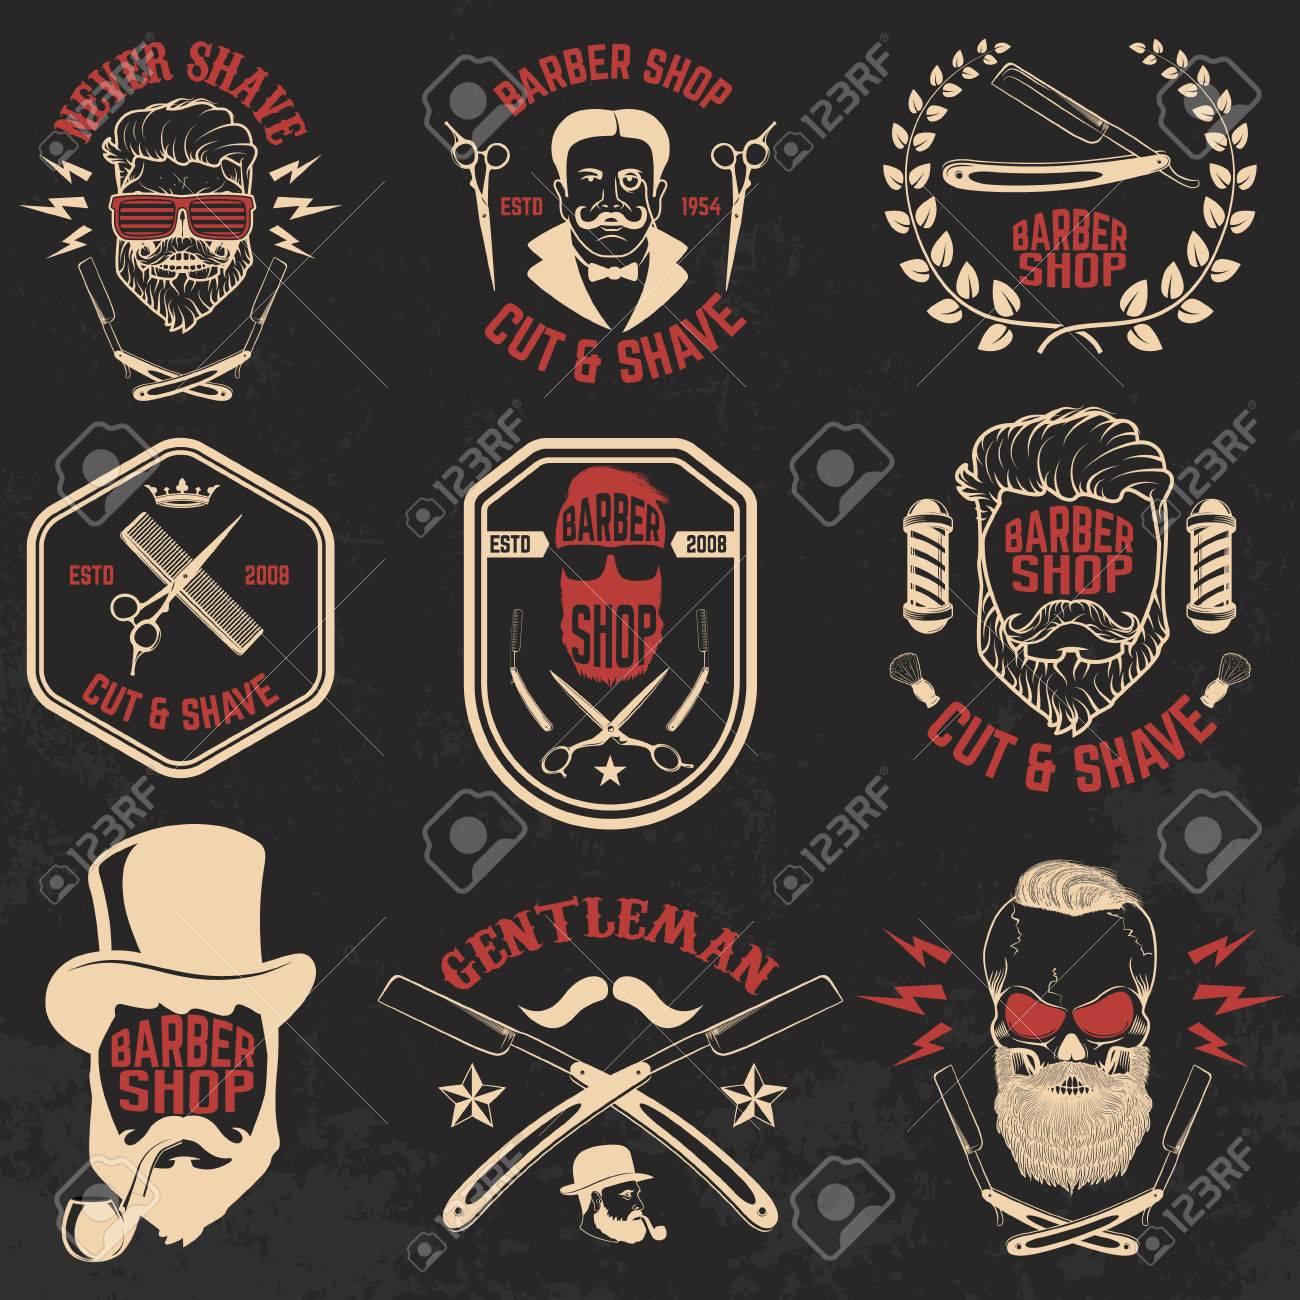 Set of Barber shop emblems. Design elements for logo, label, emblem, sign, badge, brand mark. Vector illustration. - 60497387